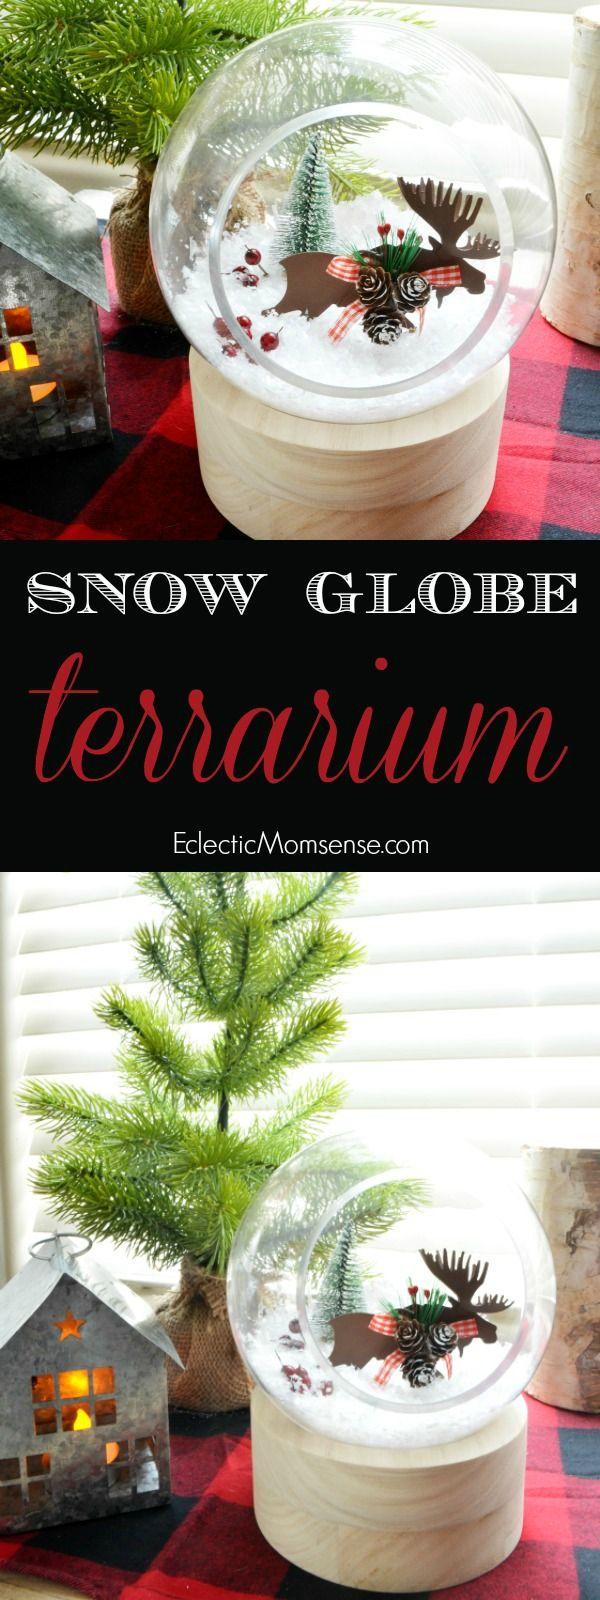 Winter Terrarium- Winter scene snow globe terrarium